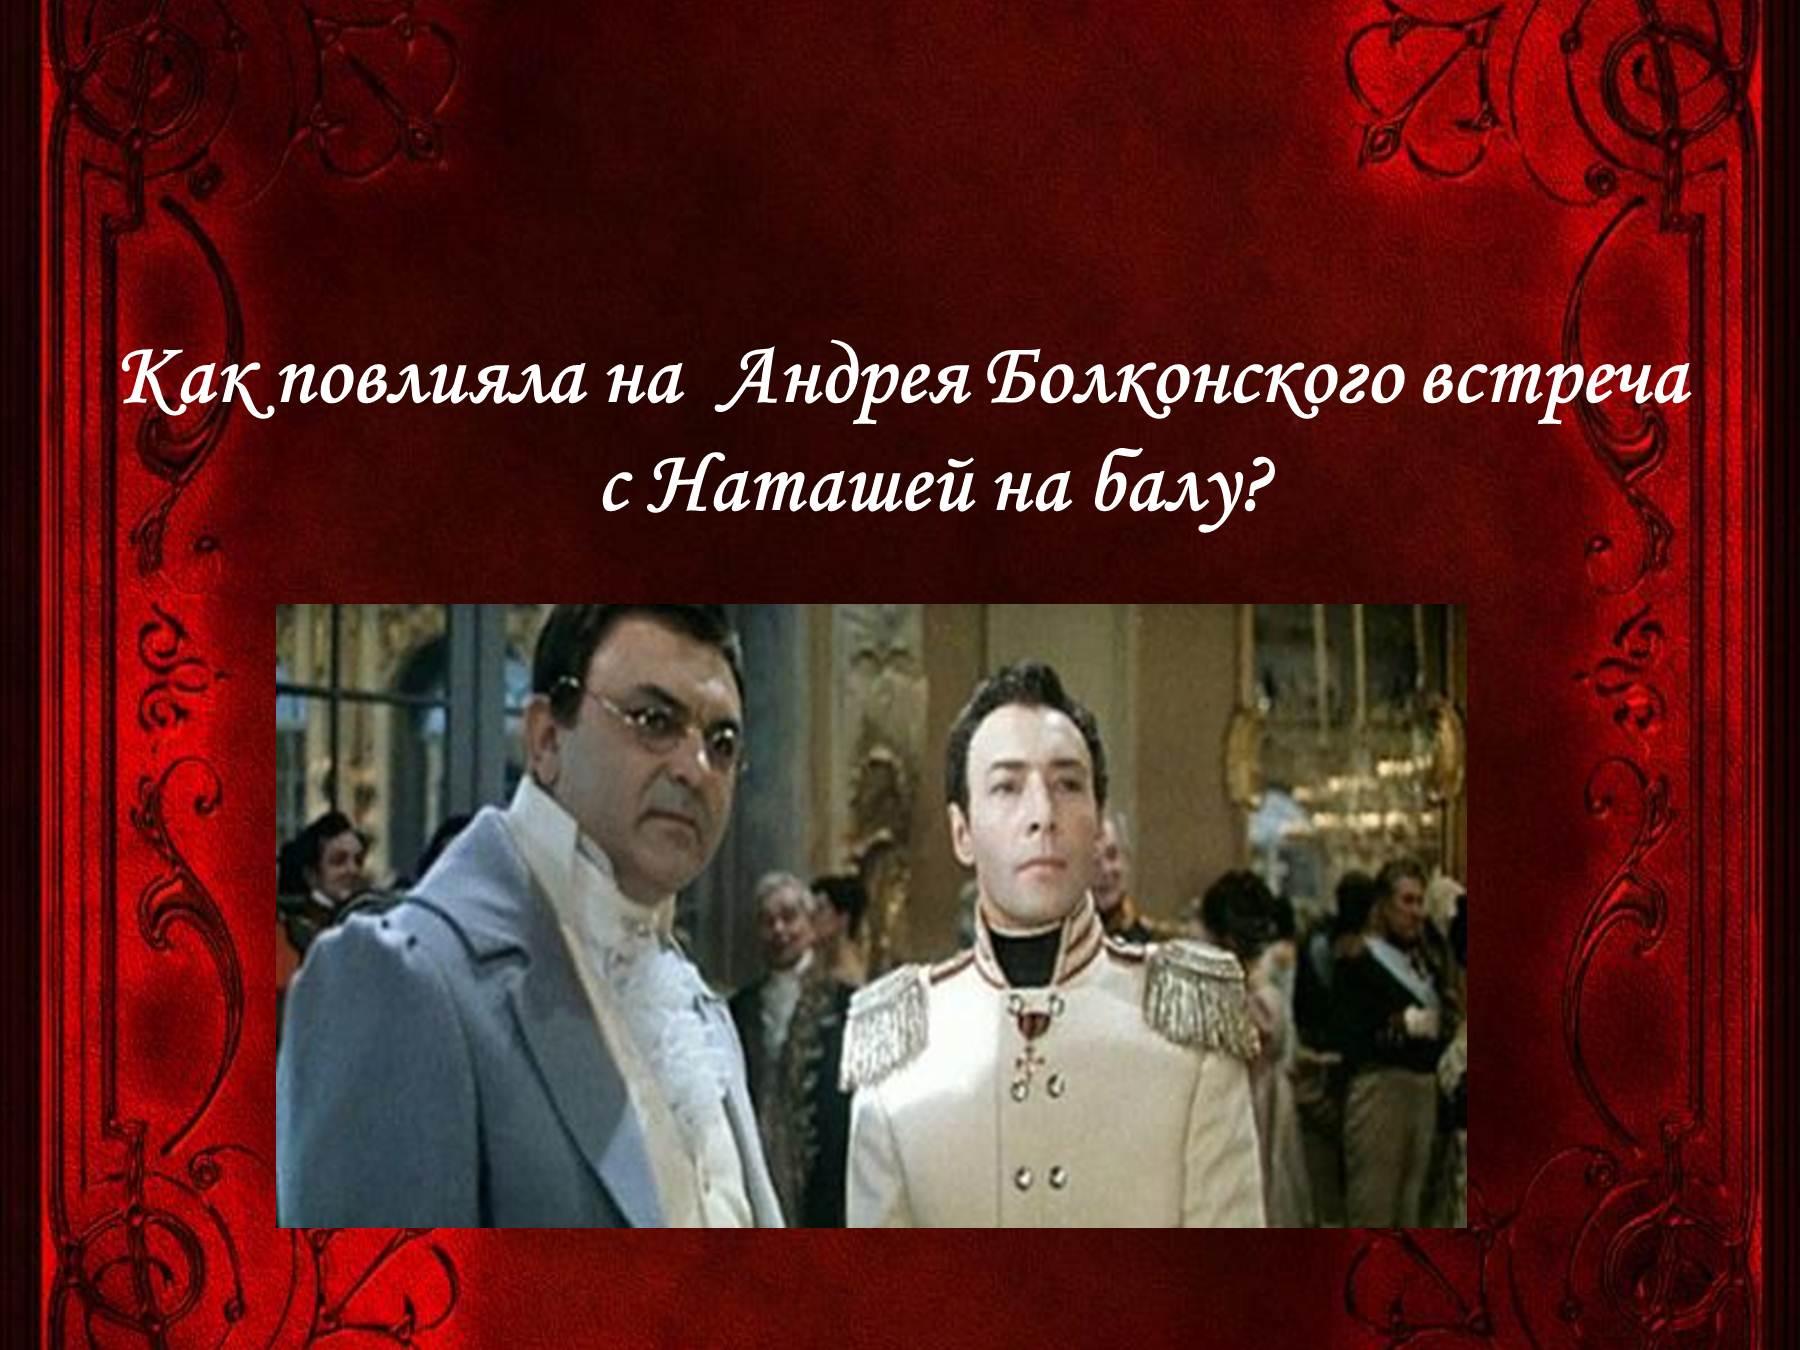 Владимир Дудинцев. Белые одежды